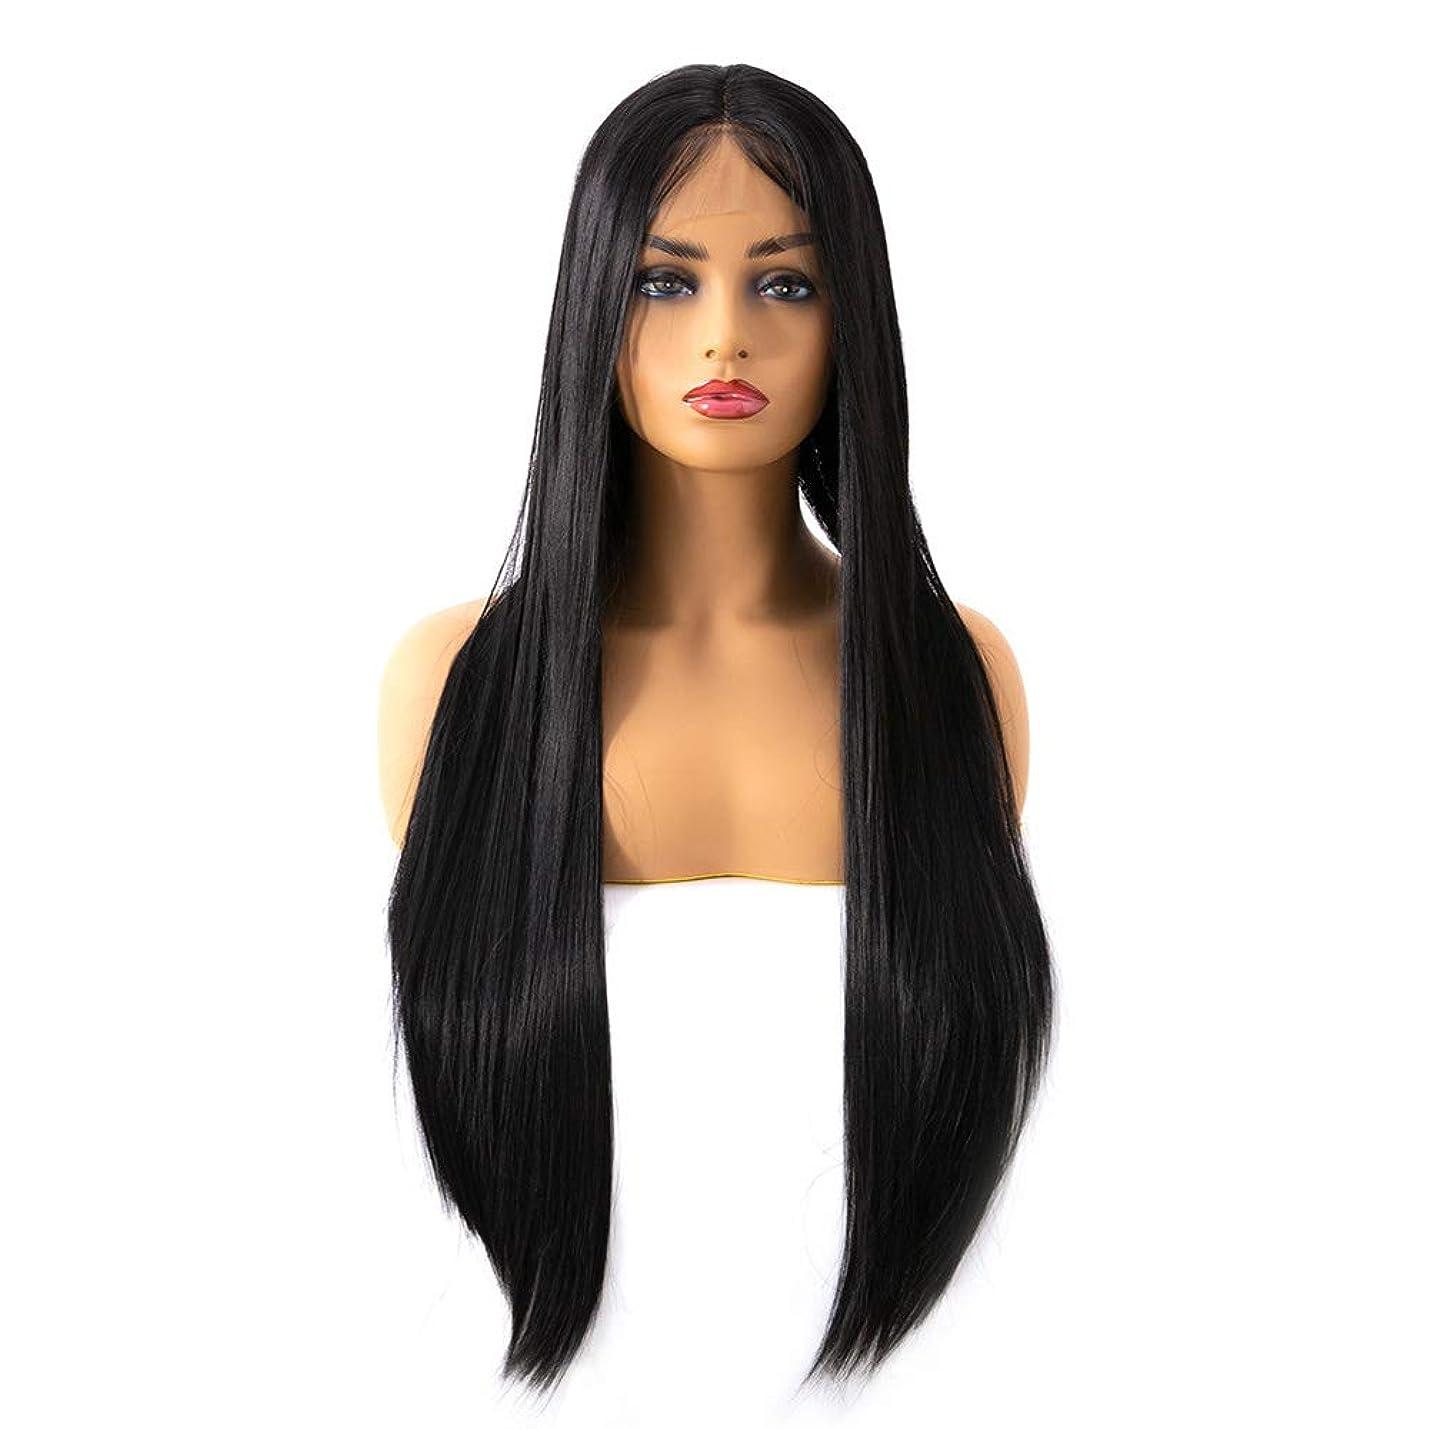 相談姉妹工業用女性のレースフロントの人間の毛髪のかつら150%密度合成ロングストレート耐熱かつら